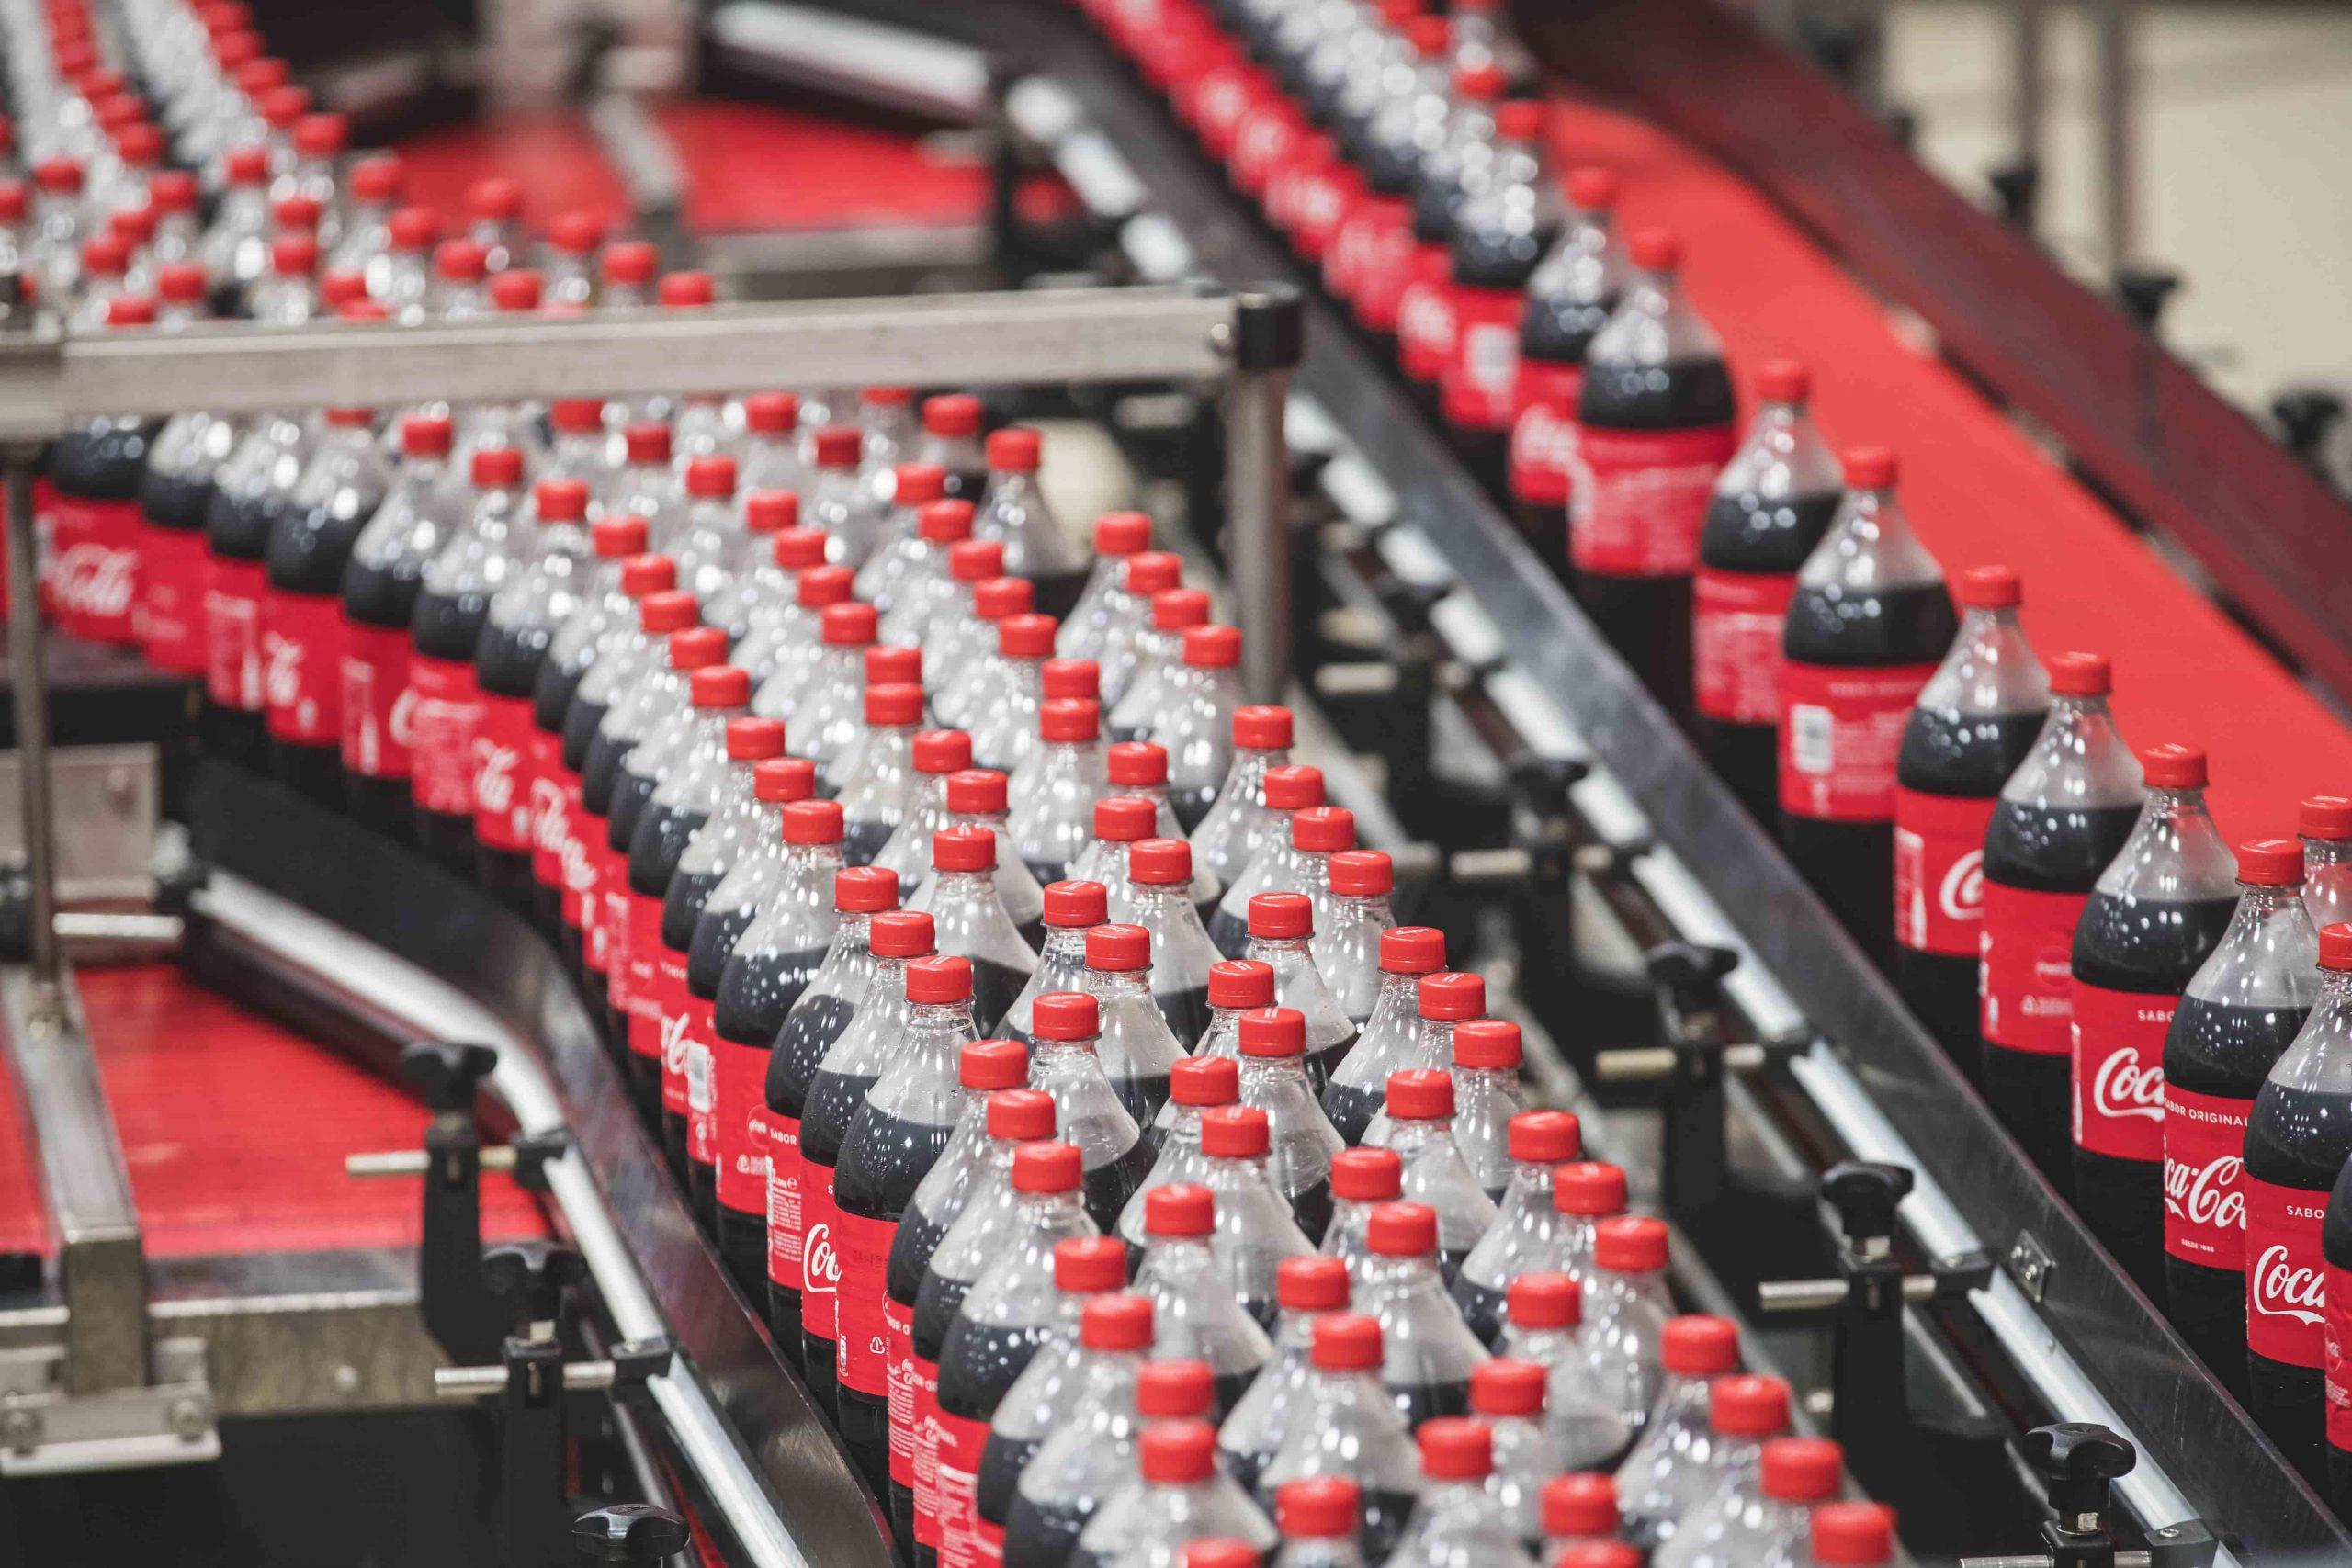 La apuesta de Coca-Cola por el ecodiseño: una botella de papel 100% reciclable